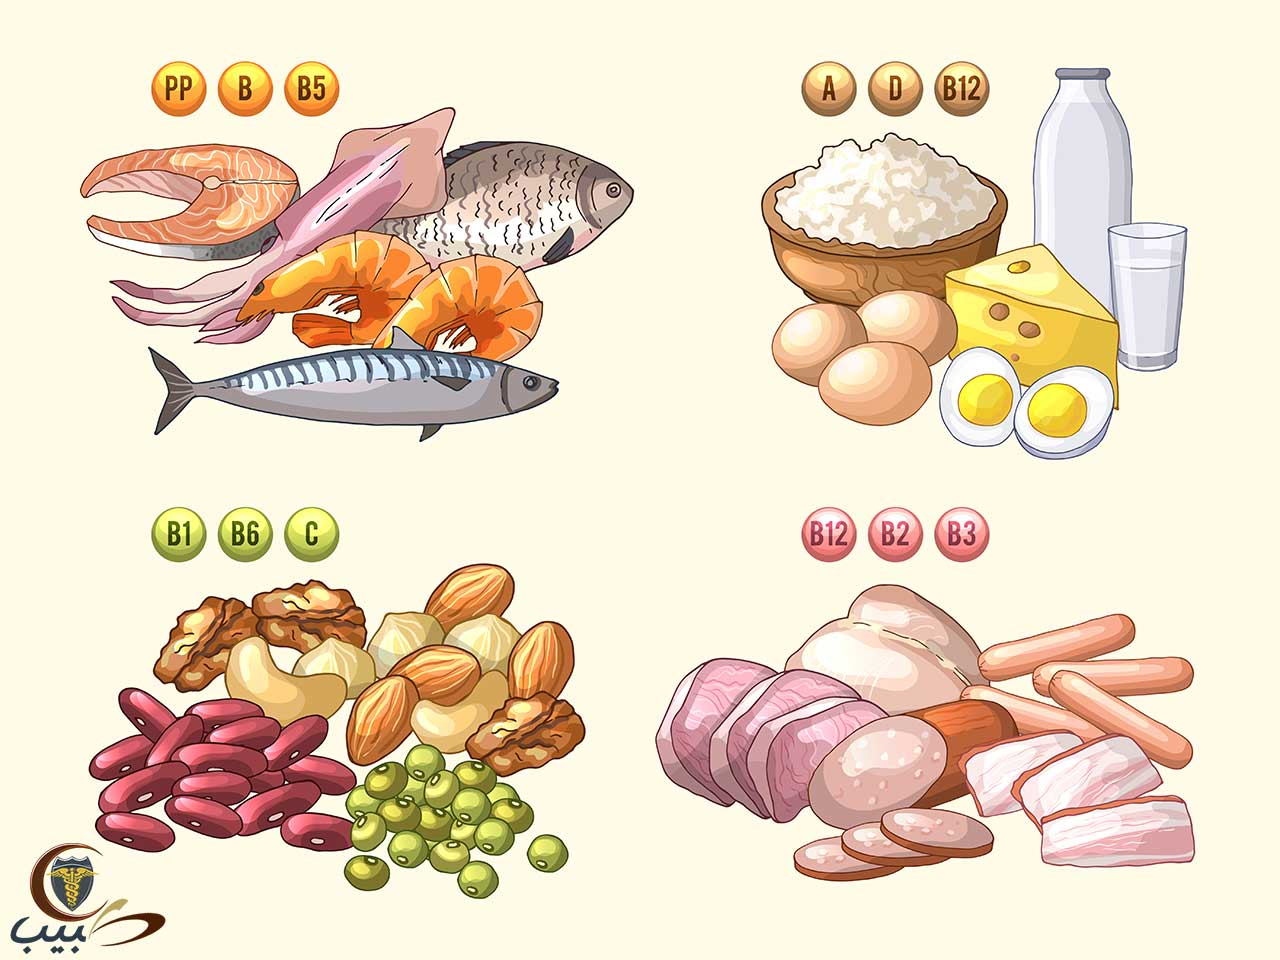 هل الحد من المنتجات الحيوانية أو اتباع نظام غذائي نباتي يؤدي لنقص الفيتامينات